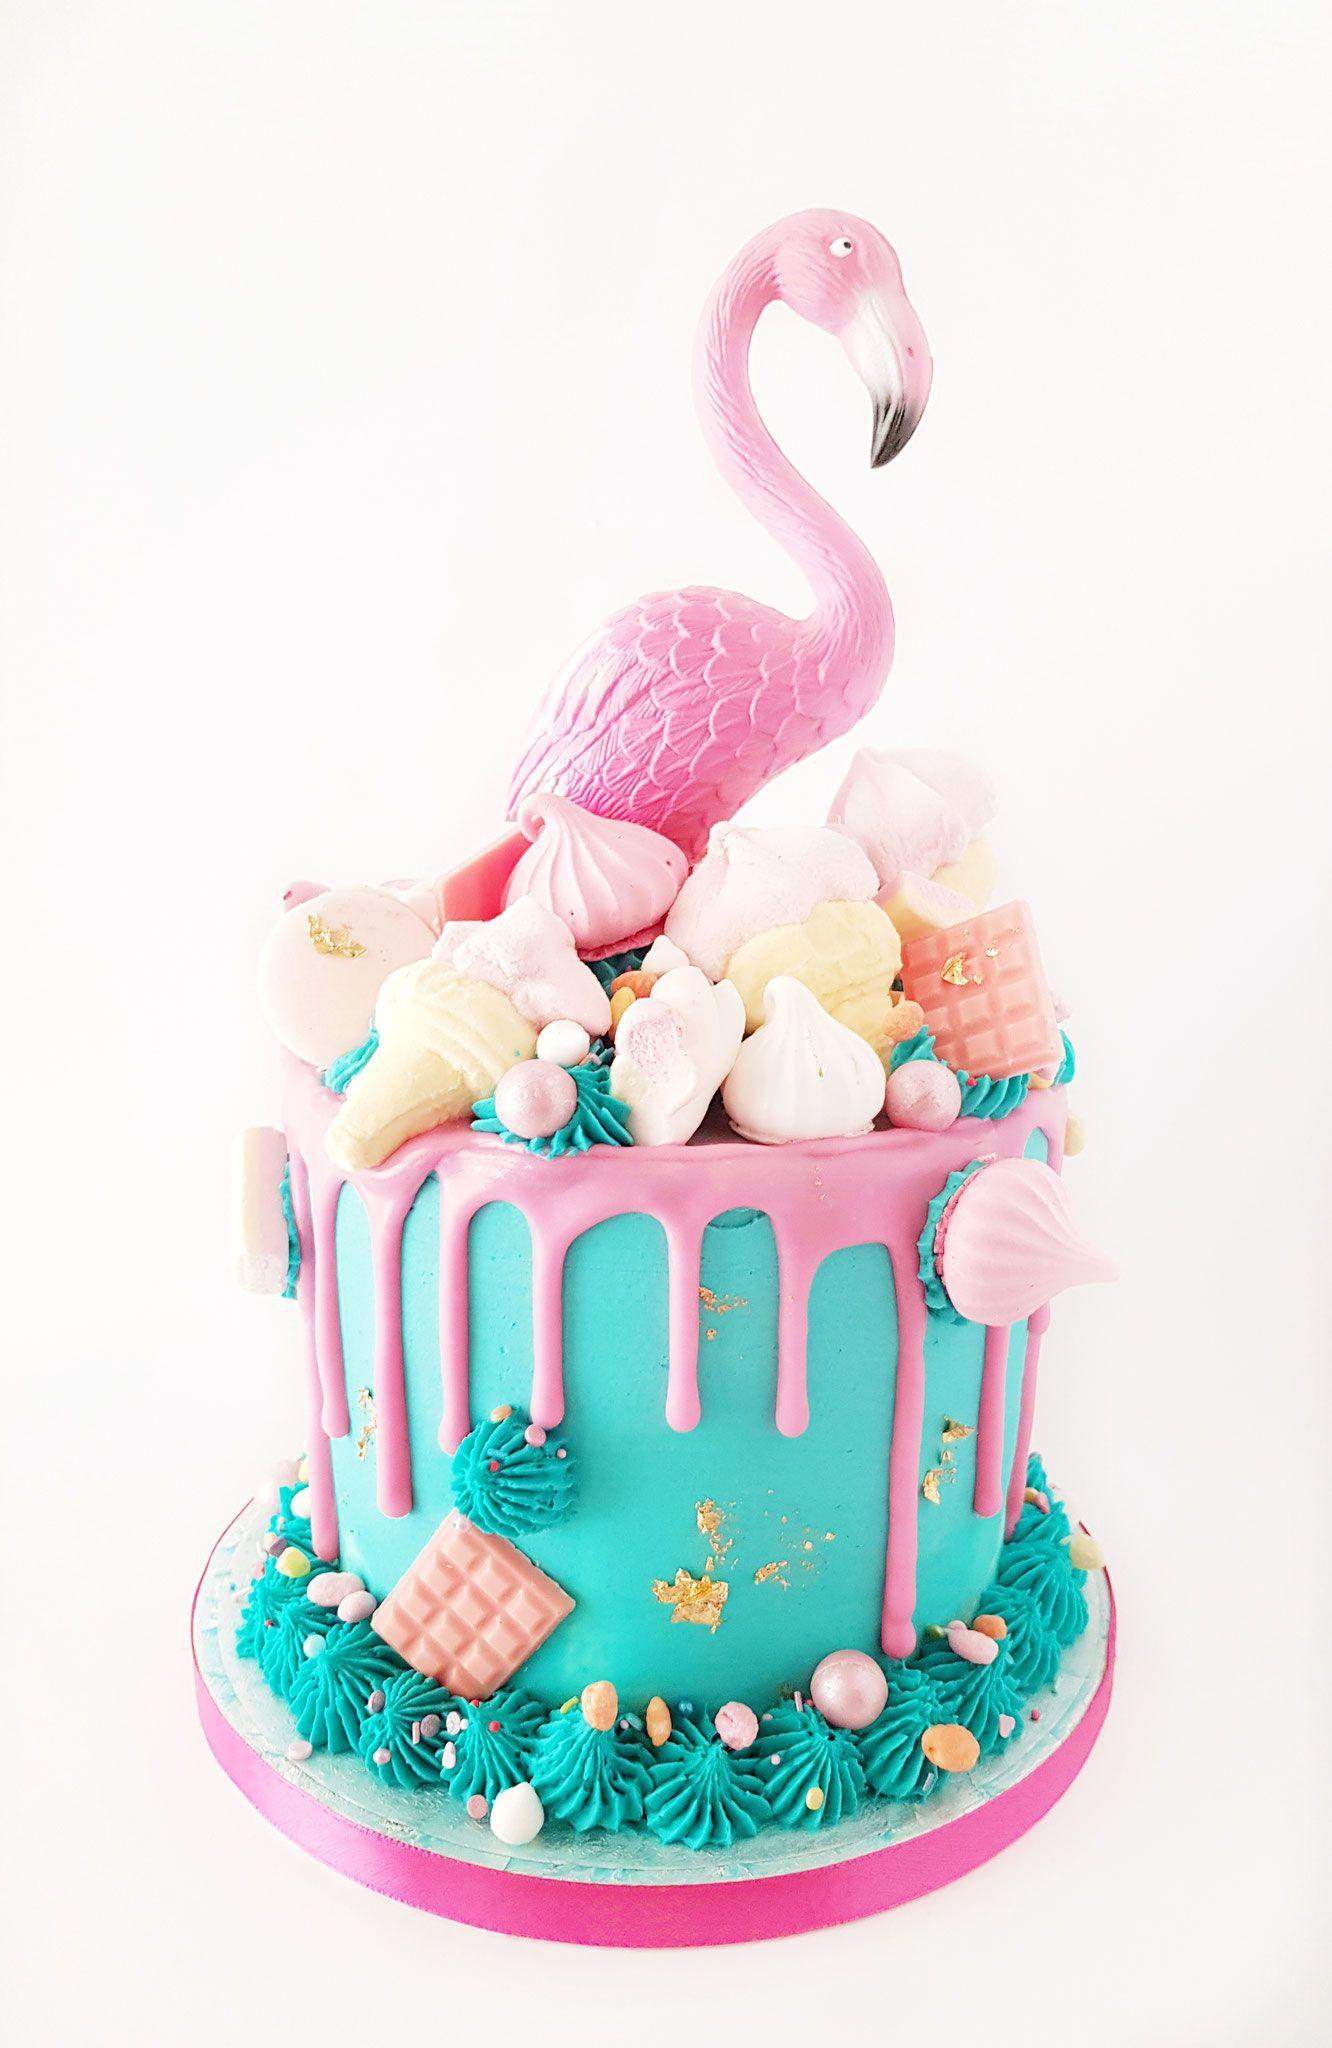 flamingo taart Flamingo Cake, Blue Love, Maan, Taart Den Bosch | Inge's  flamingo taart